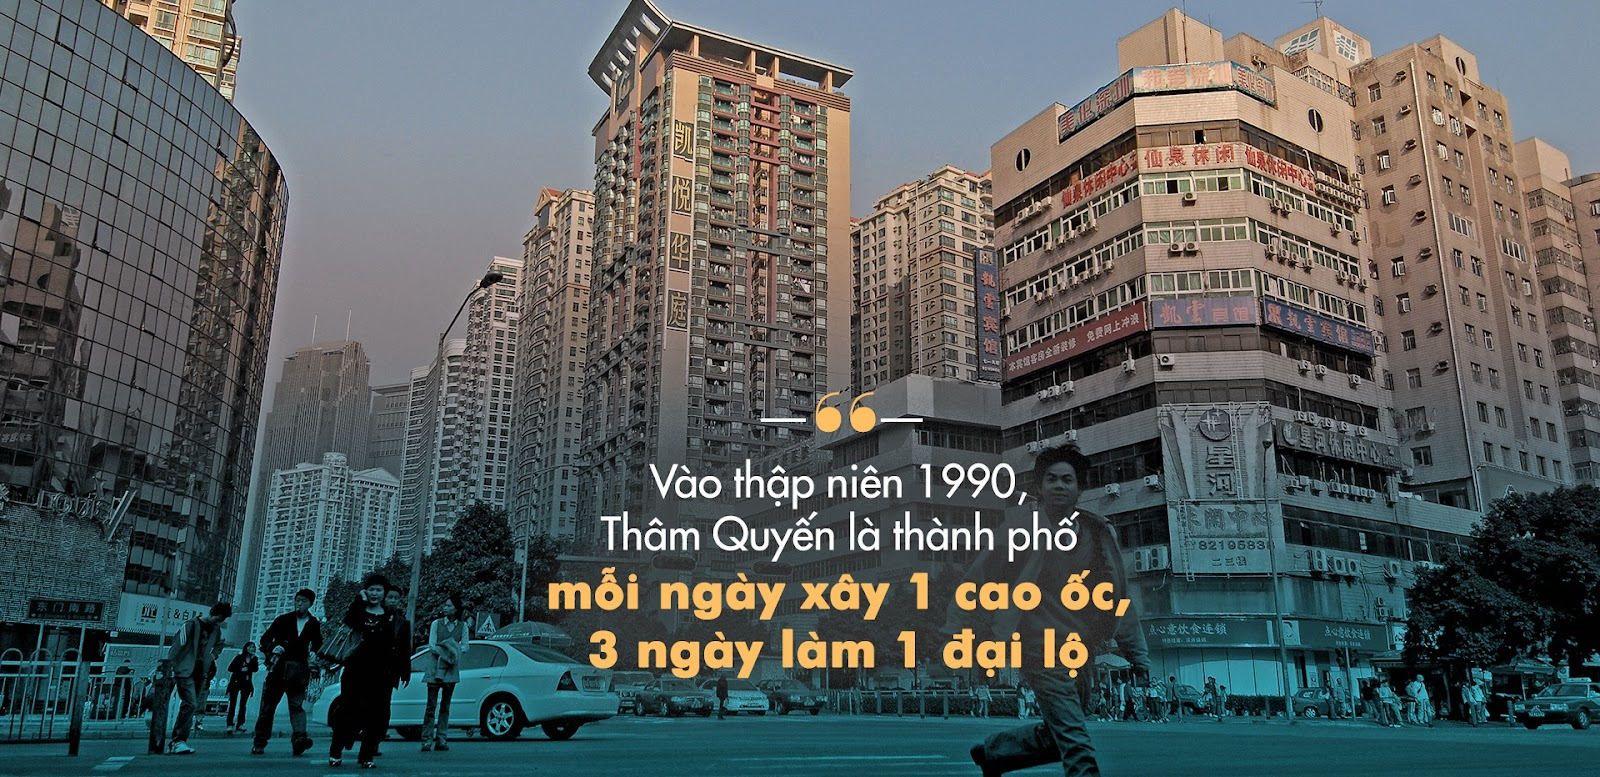 Đặc khu kinh tế Thẩm Quyến - Trung Quốc.